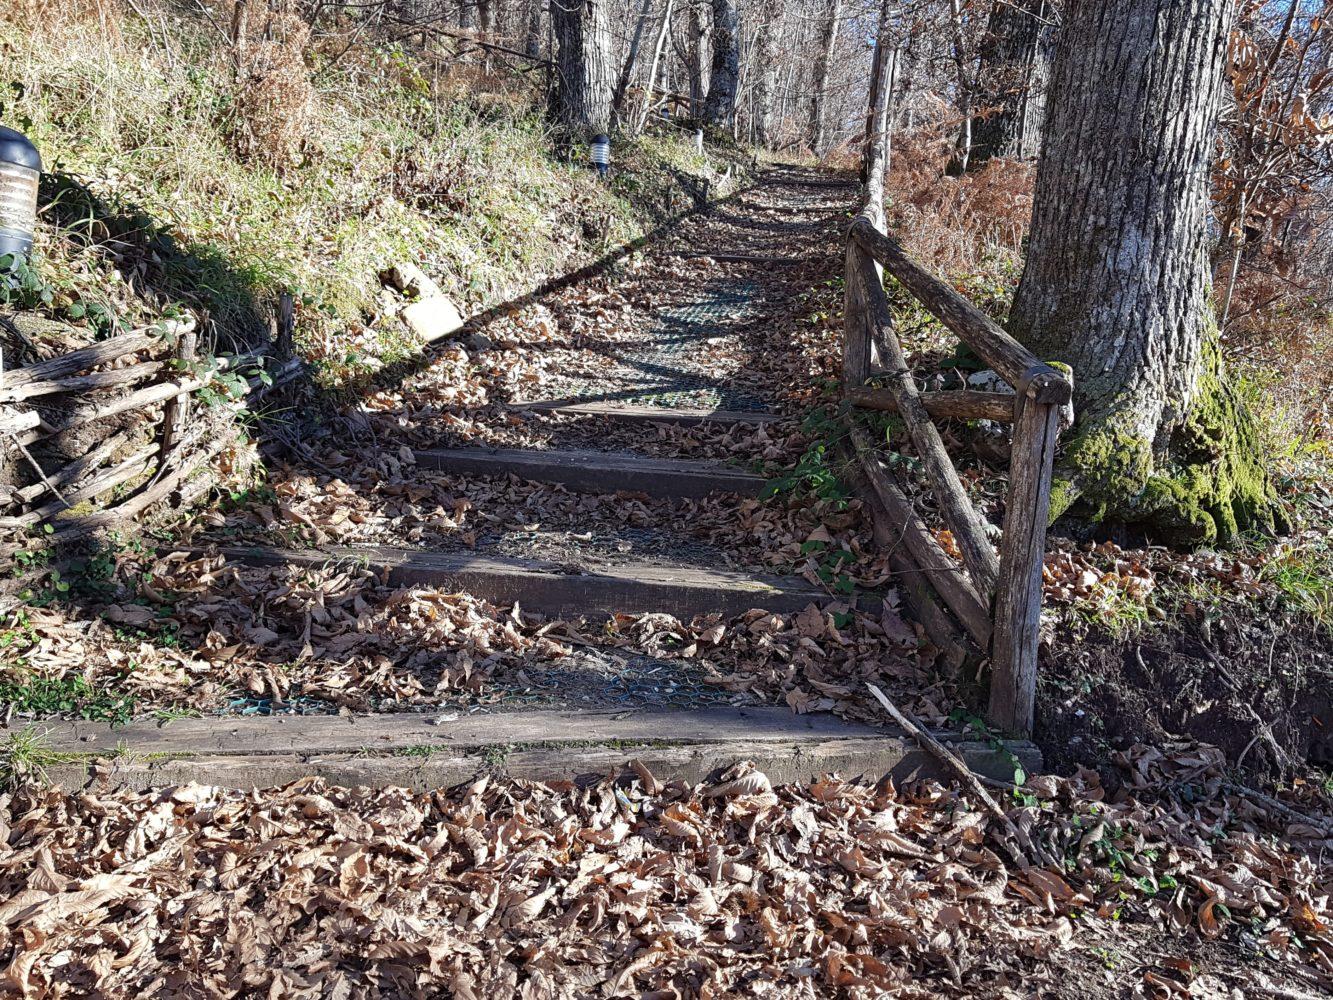 sentiero parco archeologico della civitella